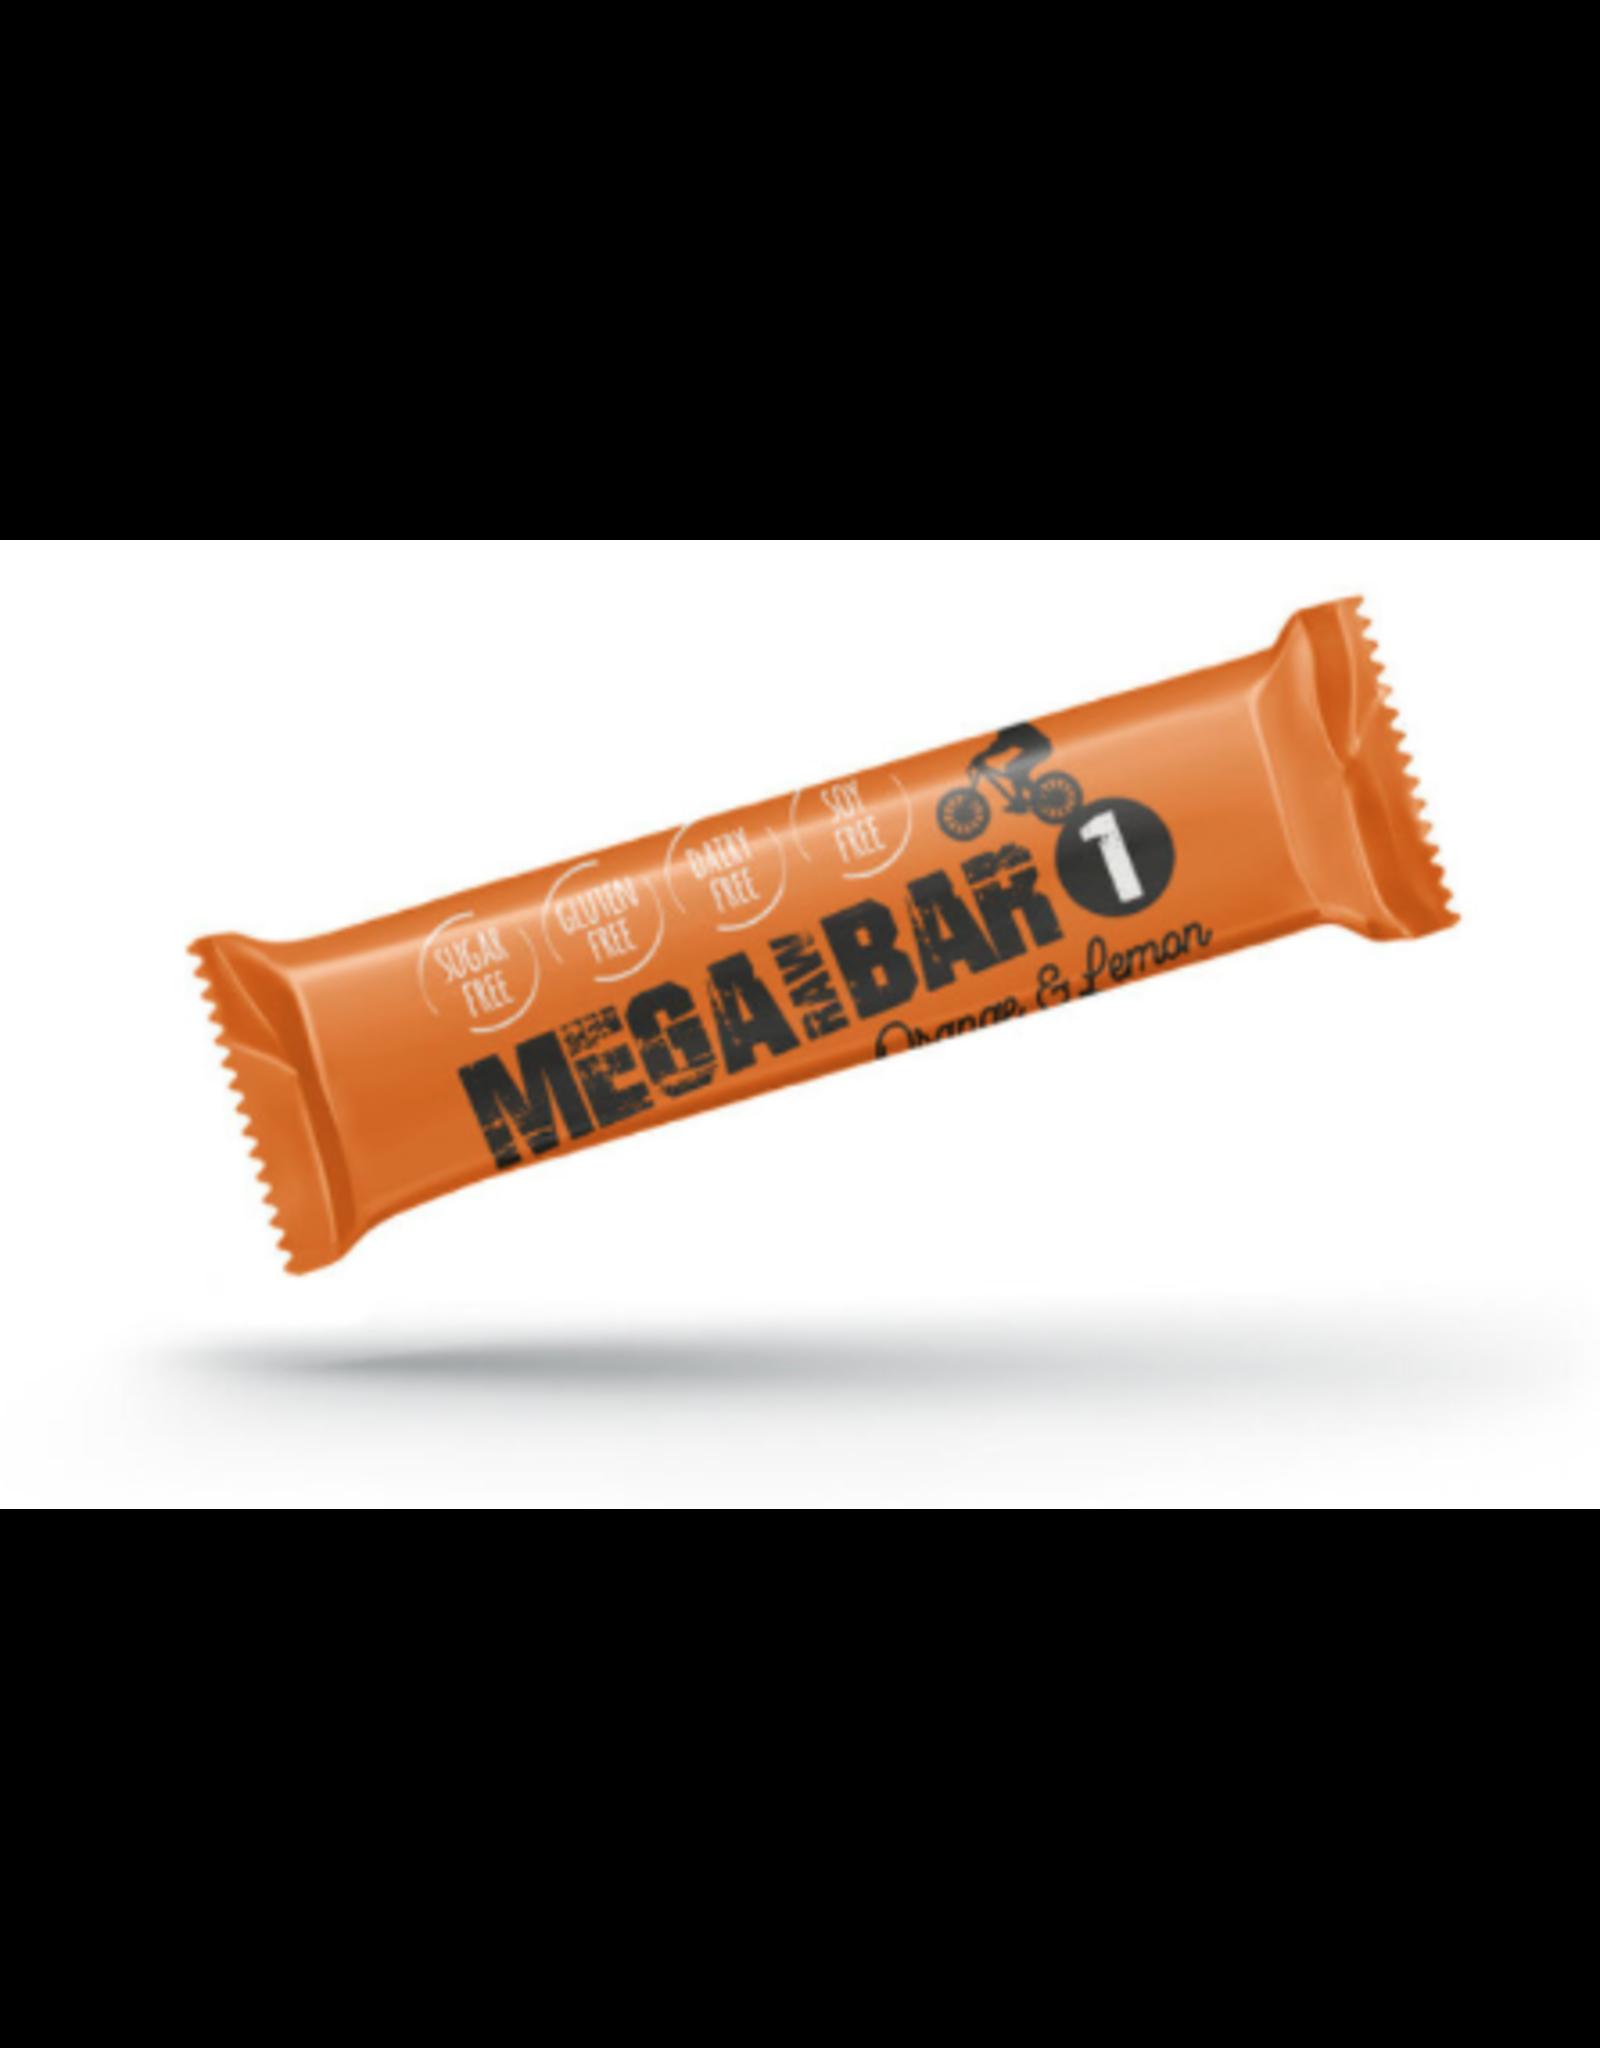 MEGARAWBAR 1, 2xPACK, 2x12 x 40g